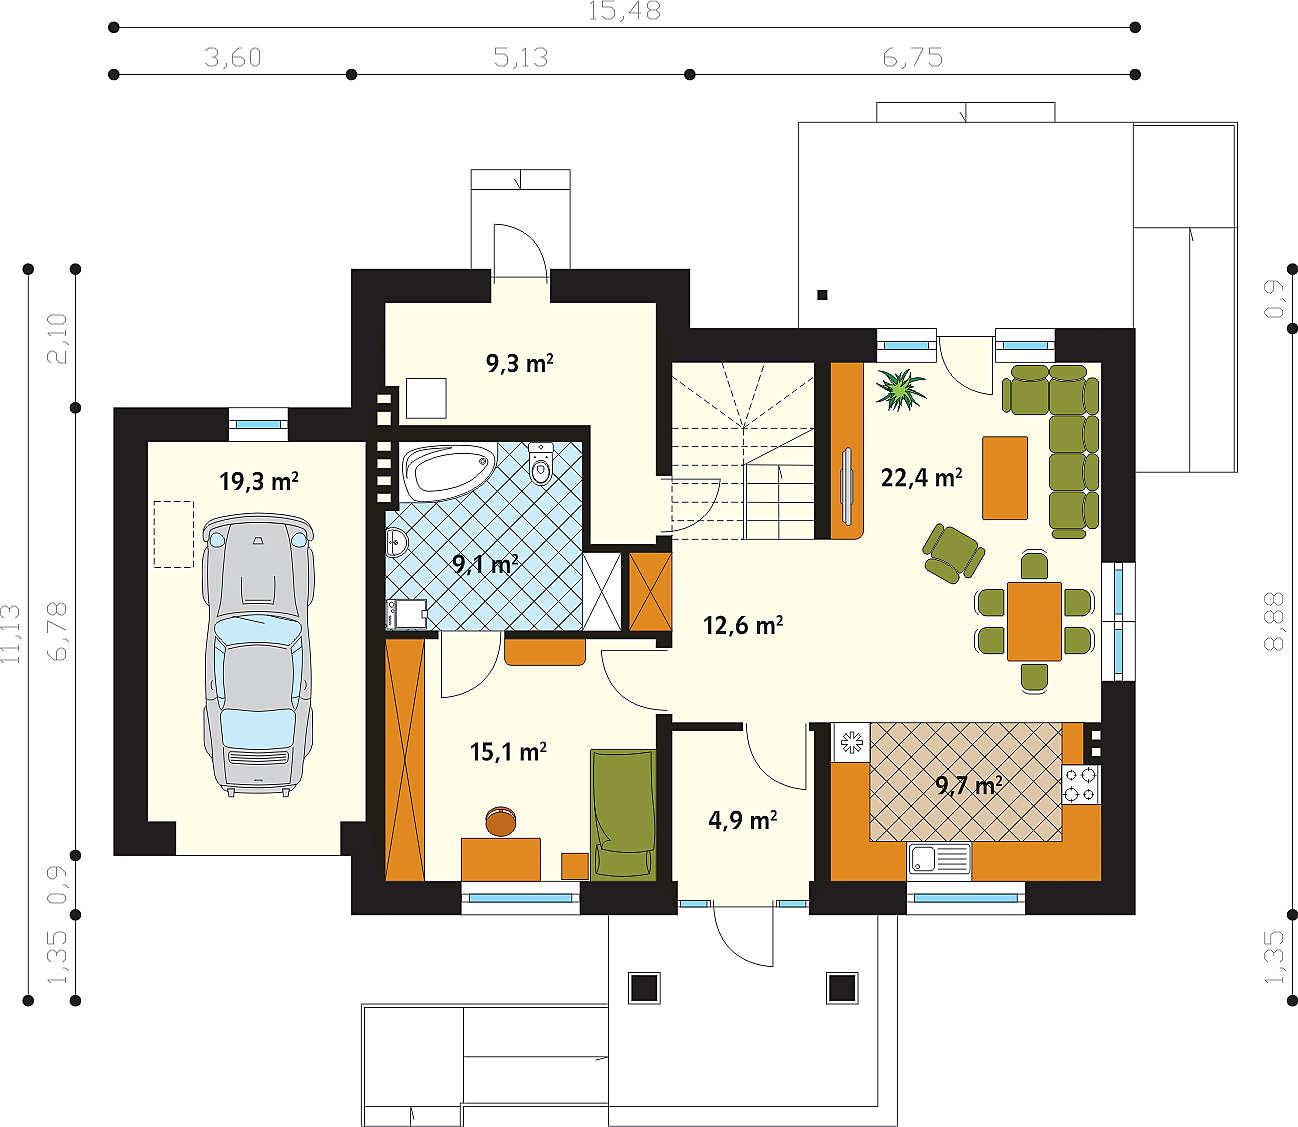 Как сделать планировку дома на 2 хозяина